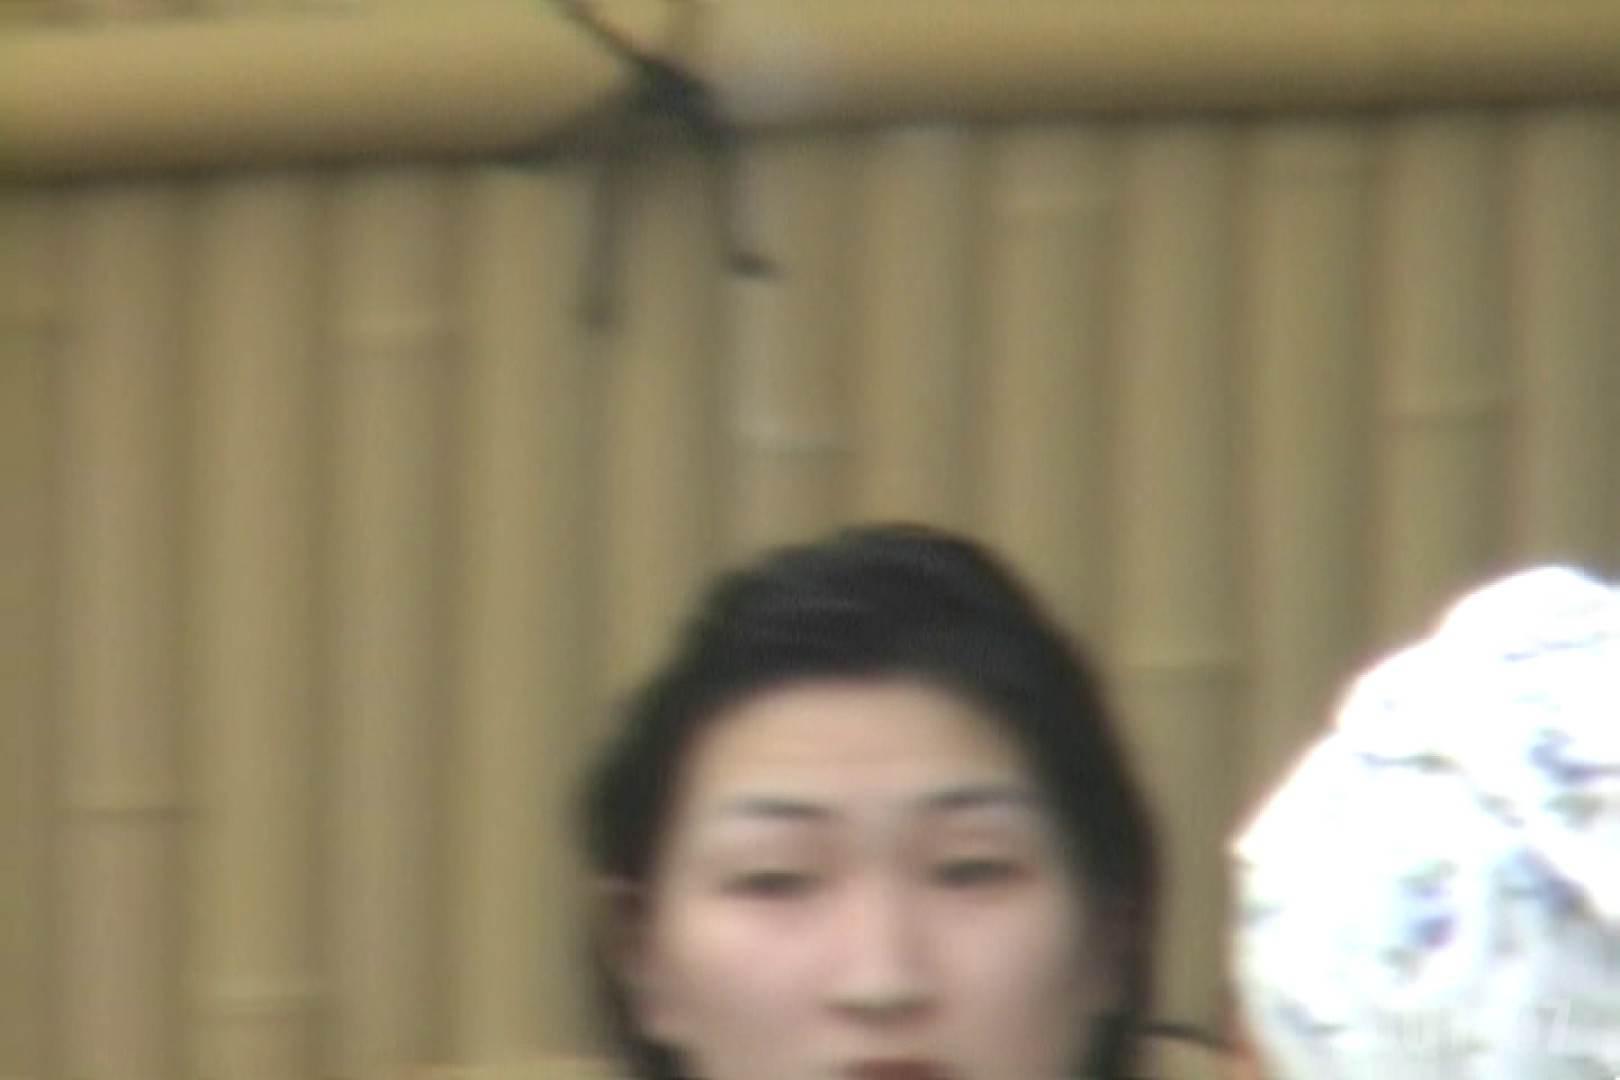 Aquaな露天風呂Vol.771 露天風呂 | 盗撮動画  11枚 11